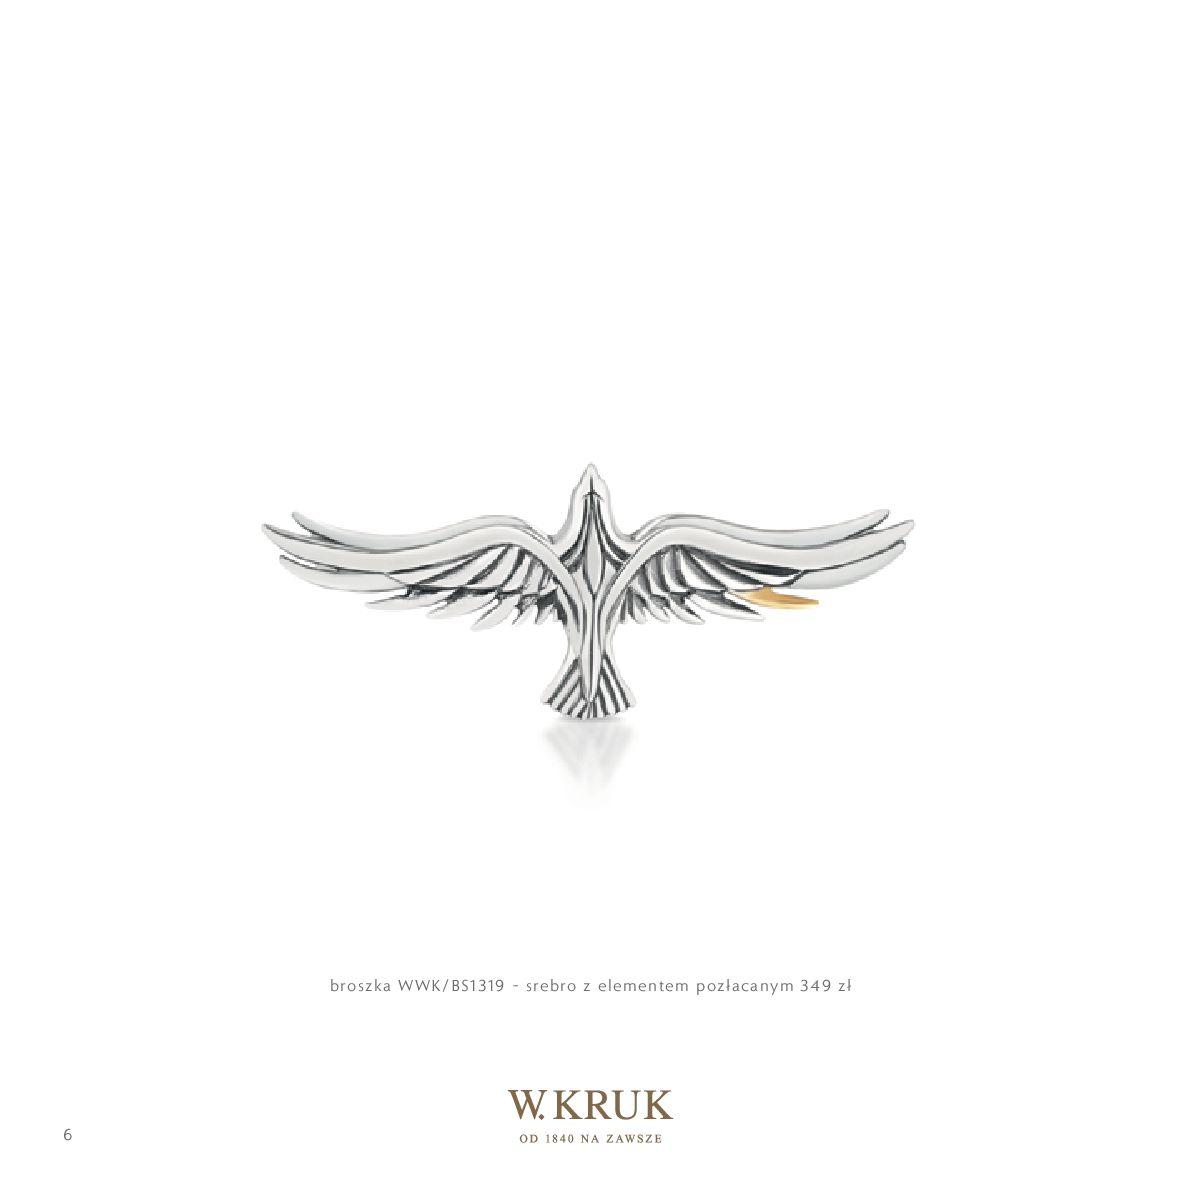 Gazetka W. KRUK: Katalog - Kolekcja Freedom 2021-02-17 page-8